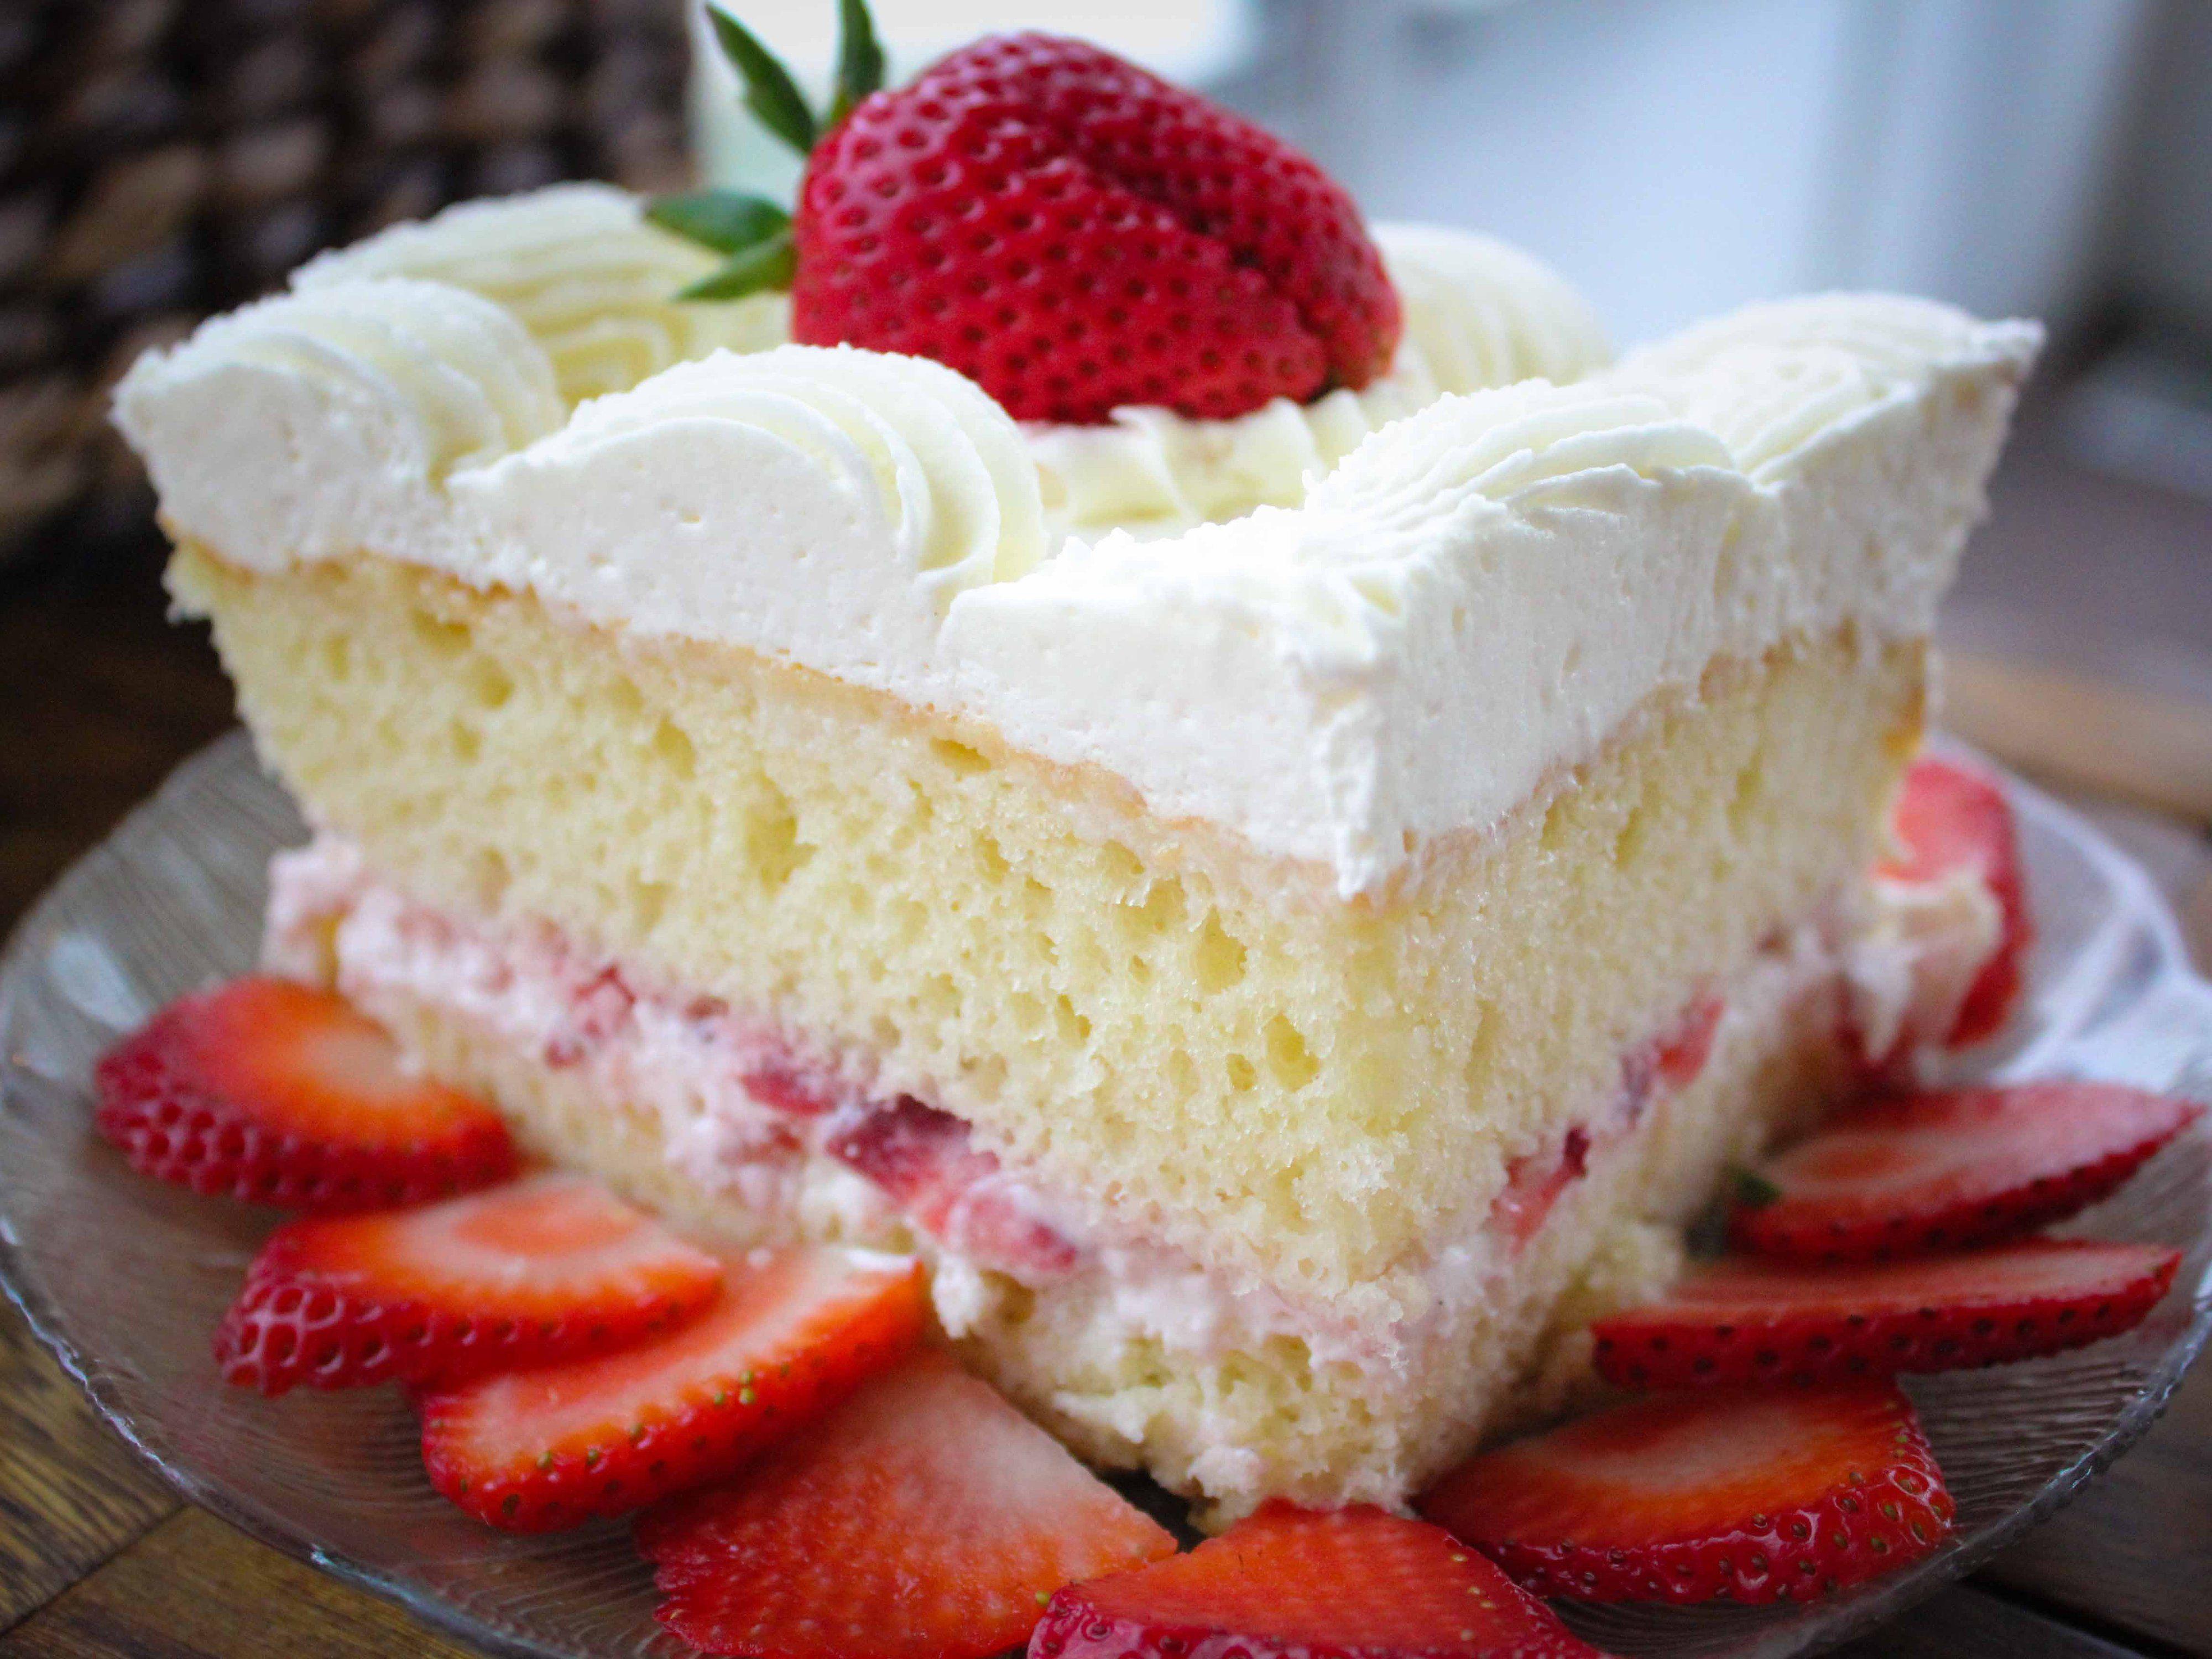 Strawberry Wedding Cake From Wheatfields Bakery Strawberry Wedding Cakes Cake Recipes Wedding Strawberries